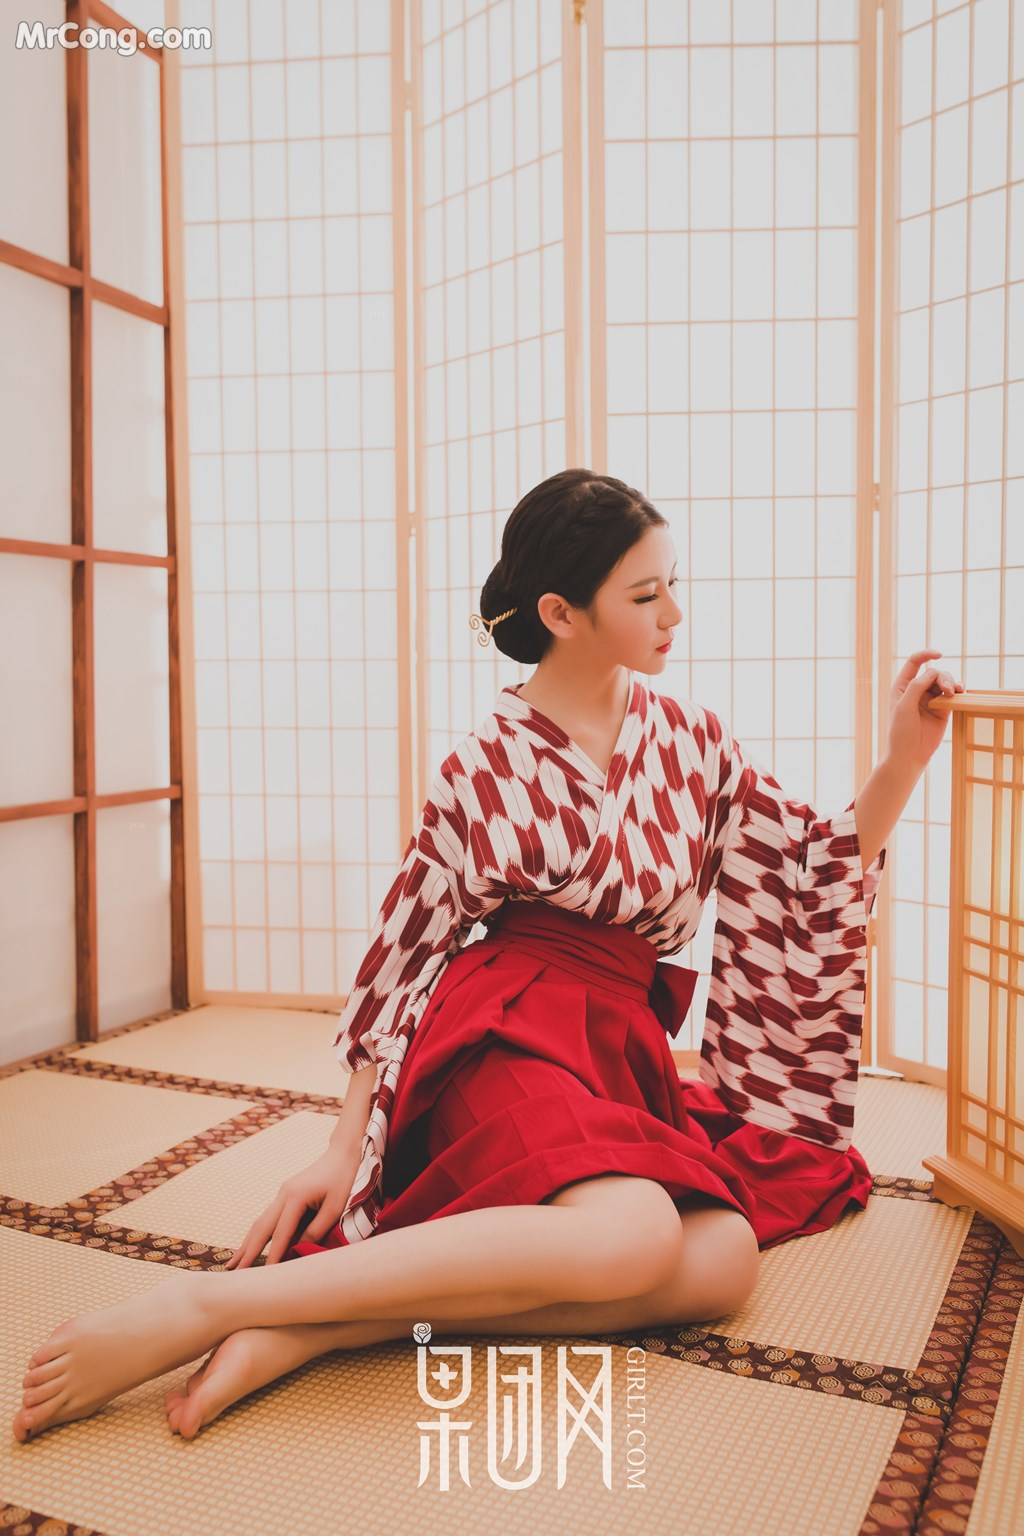 Image GIRLT-No.115-MrCong.com-001 in post GIRLT No.115 (51 ảnh)